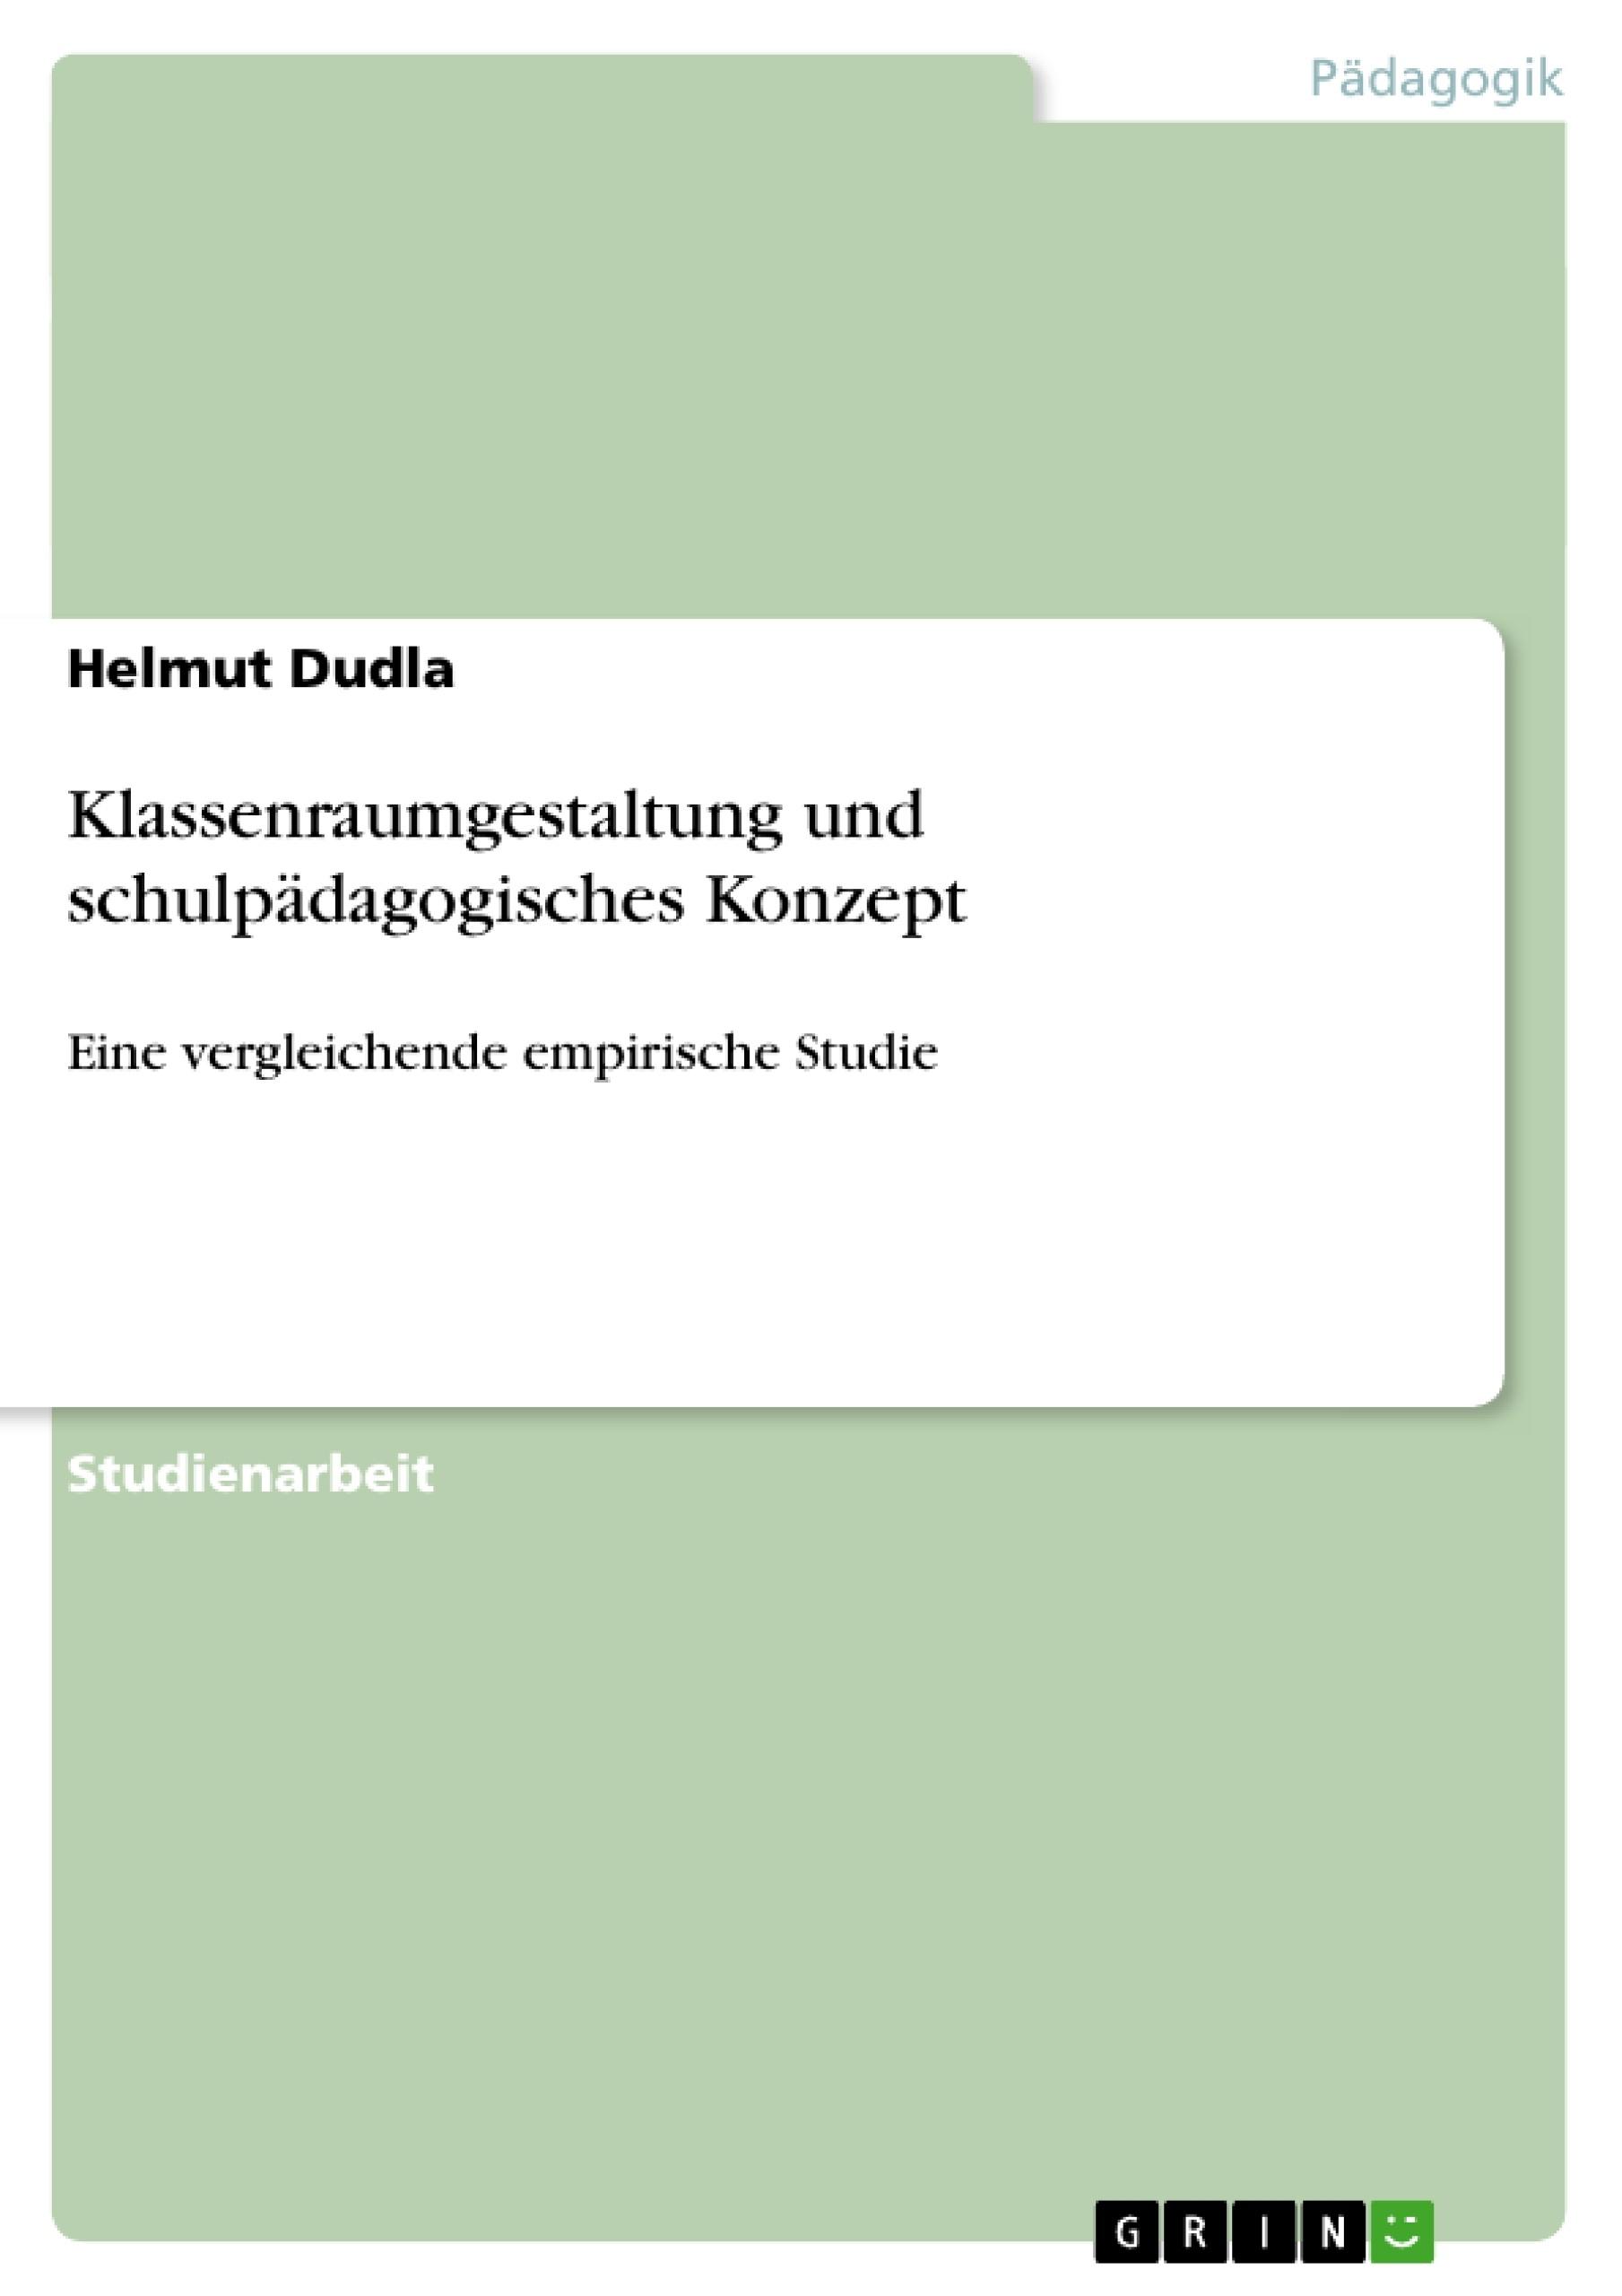 Titel: Klassenraumgestaltung und schulpädagogisches Konzept